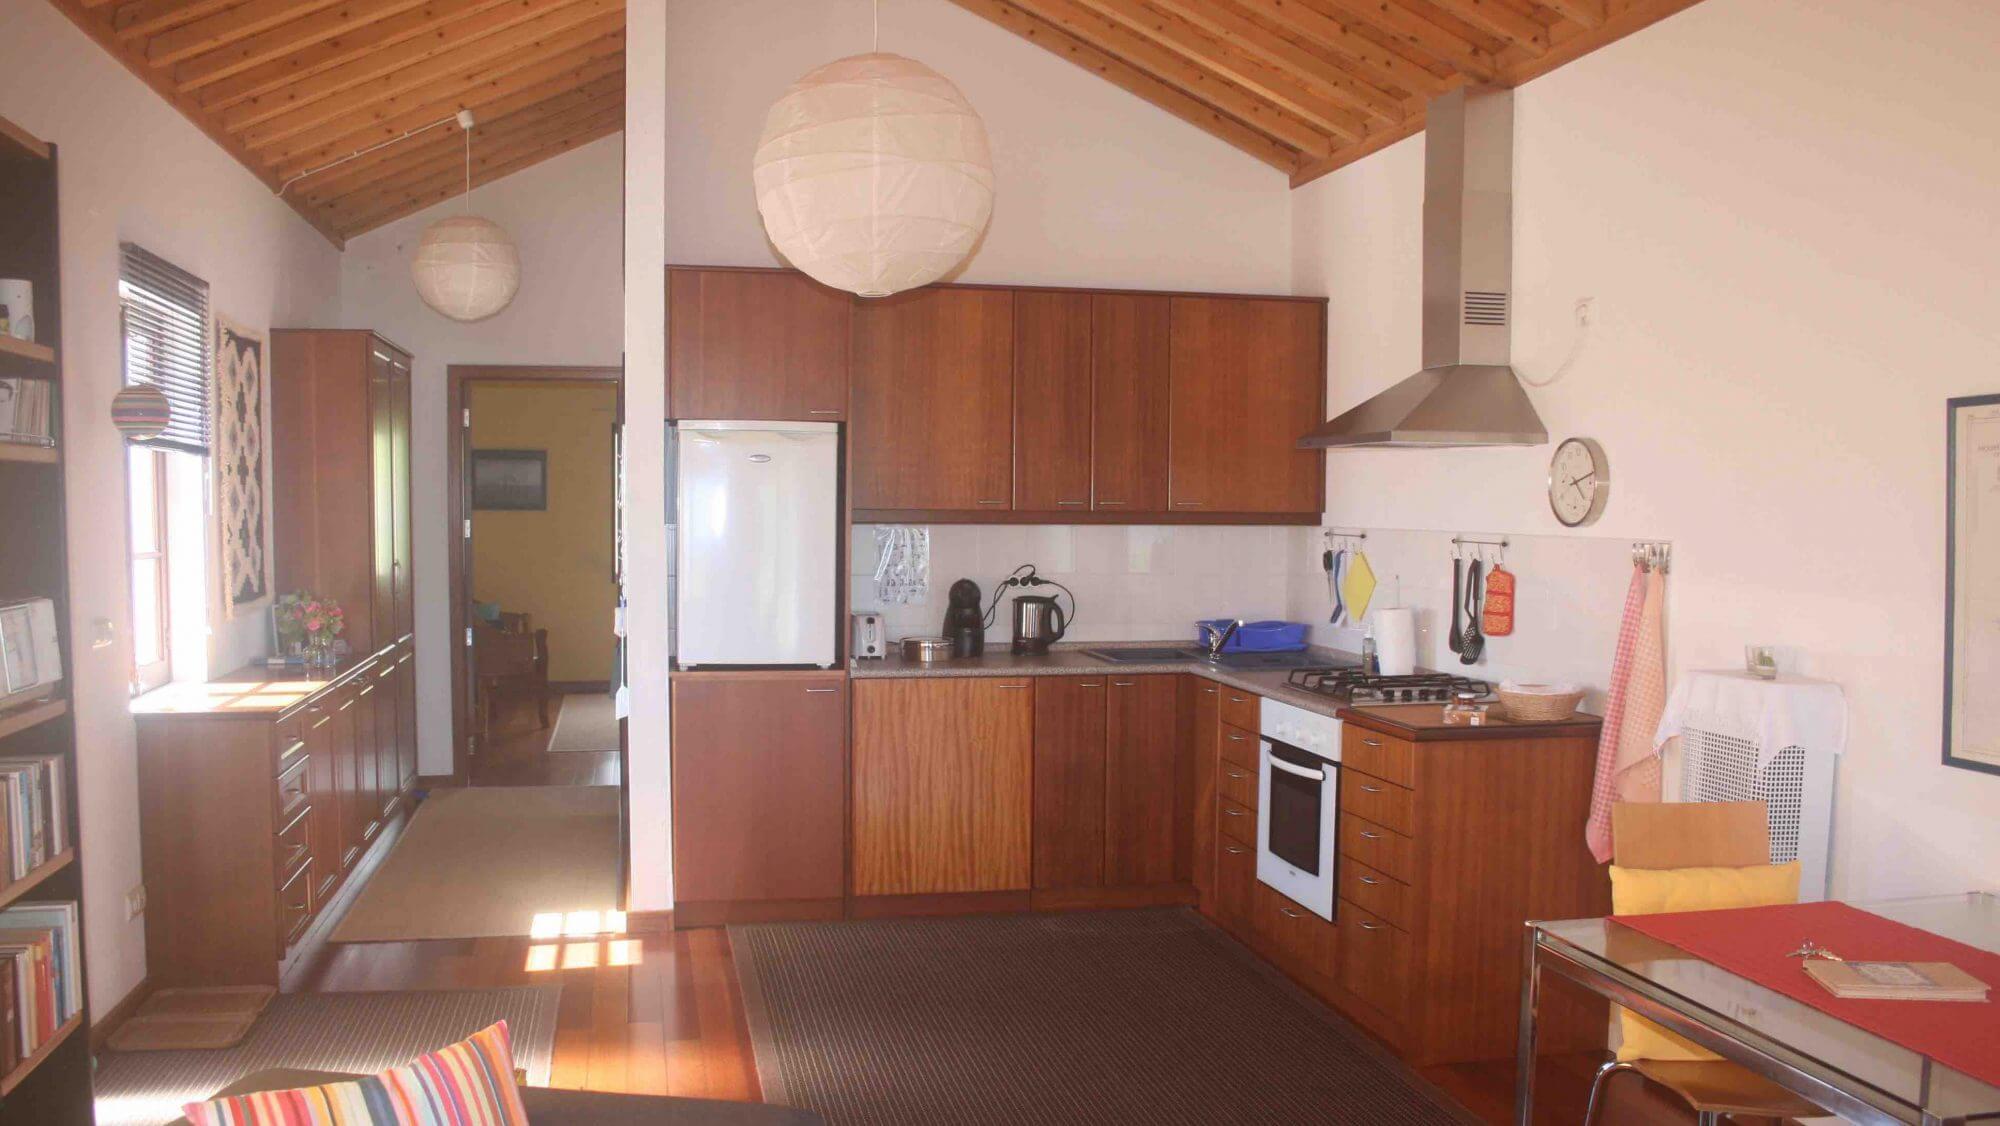 Ausgezeichnet Kleine Küche Design Neuseeland Zeitgenössisch ...